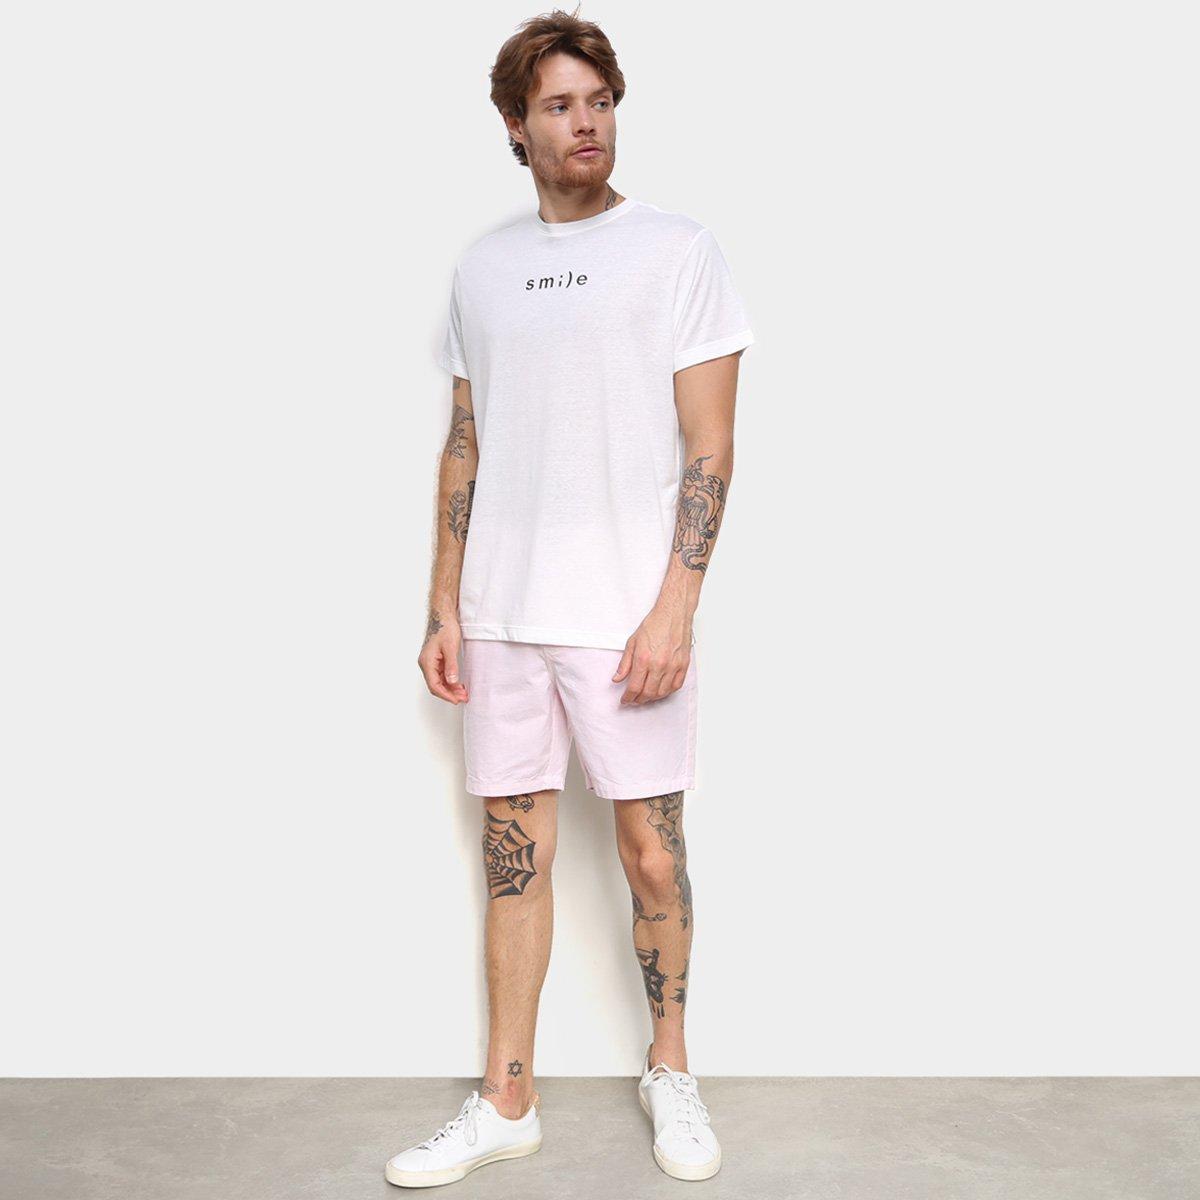 Camiseta Foxton Smile - Branco